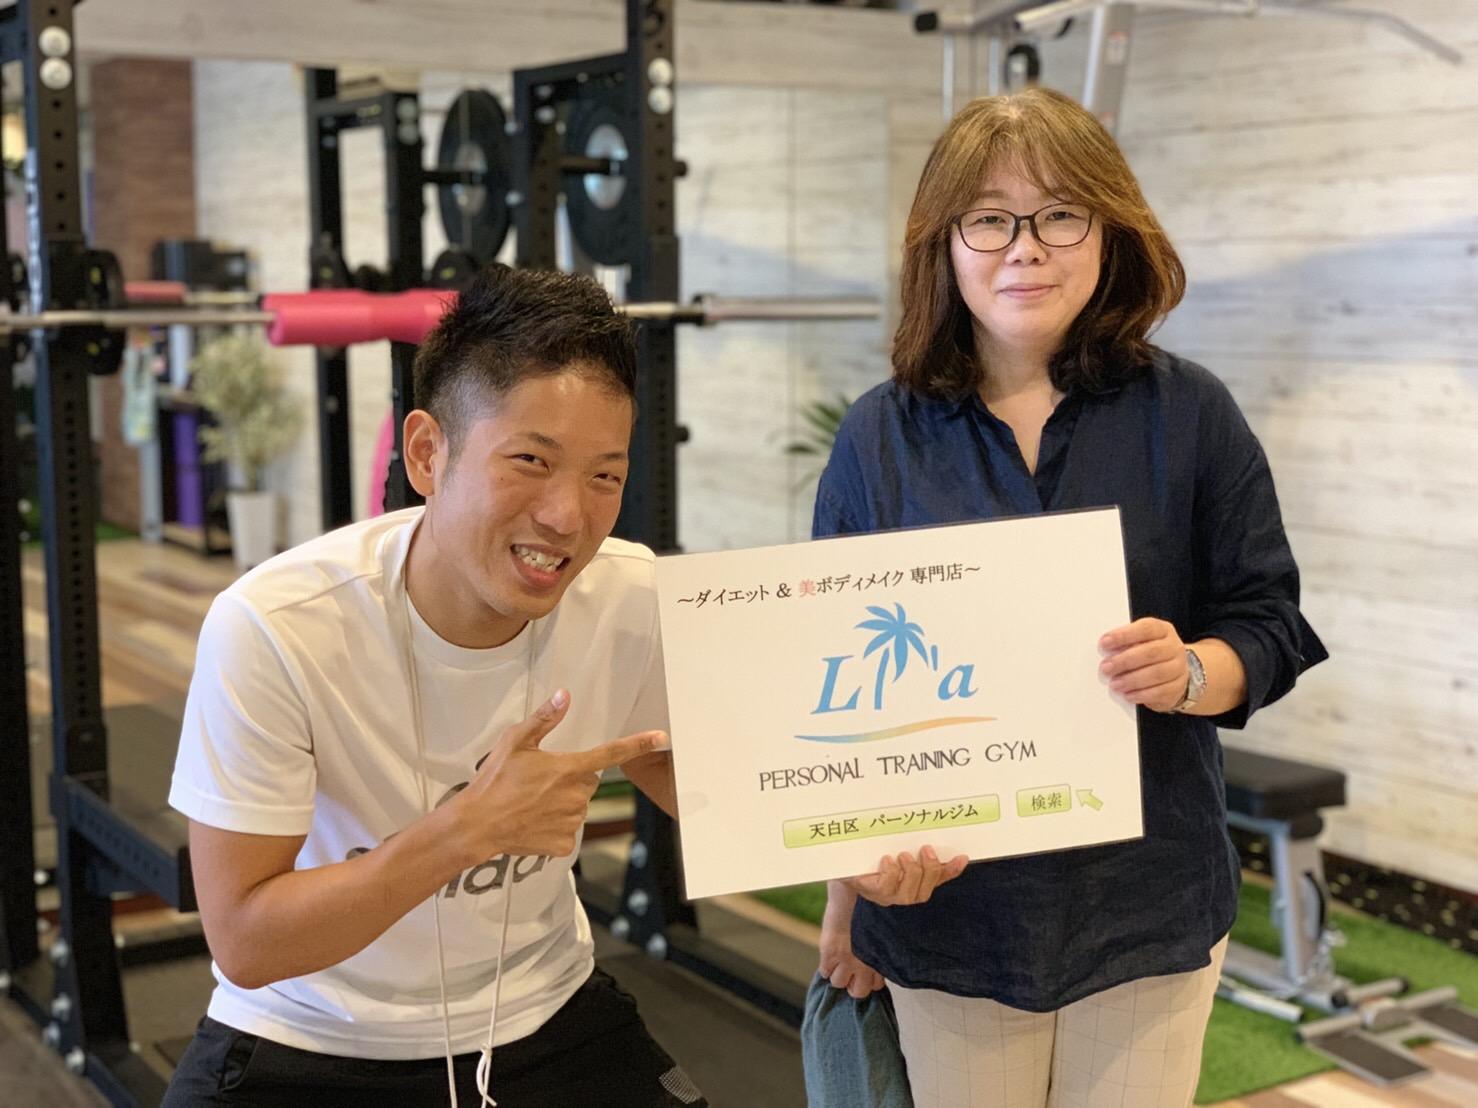 名古屋市パーソナルジムのトレーナーとお客様の写真